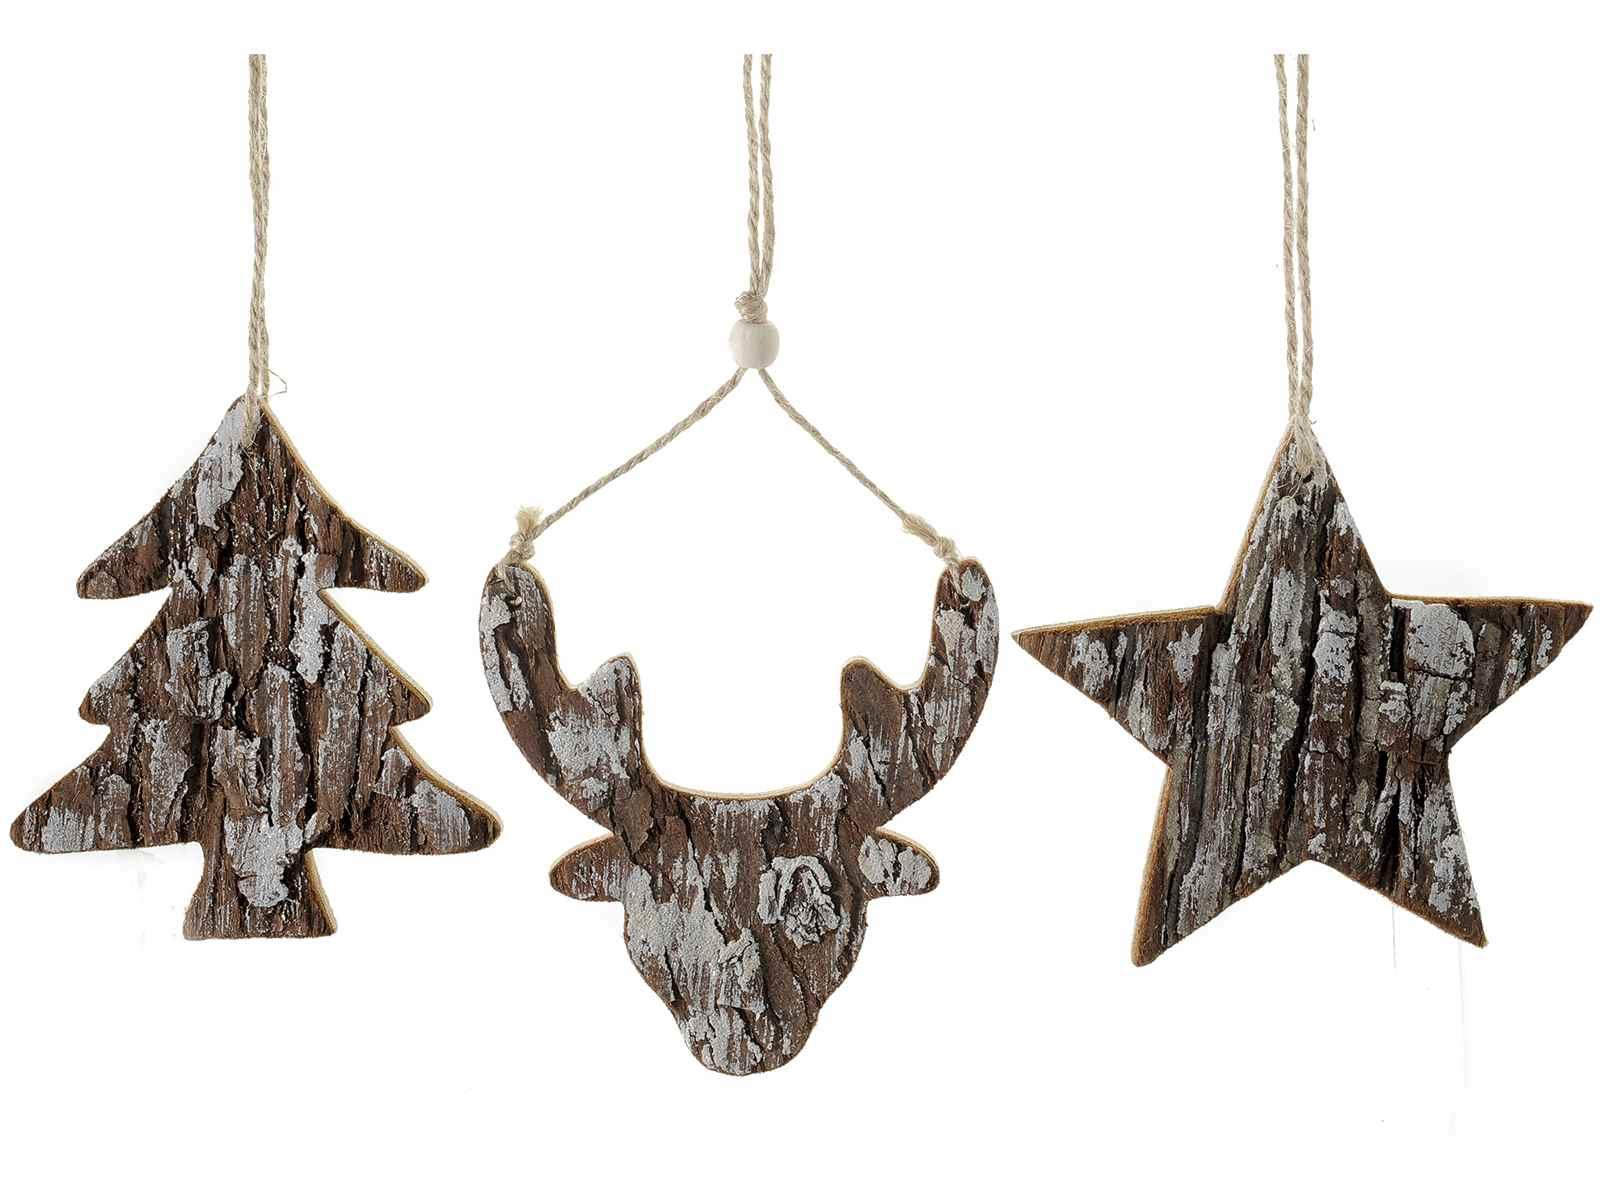 Decorazioni In Legno Natalizie : Decorazione natalizia legno effetto corteccia da appendere